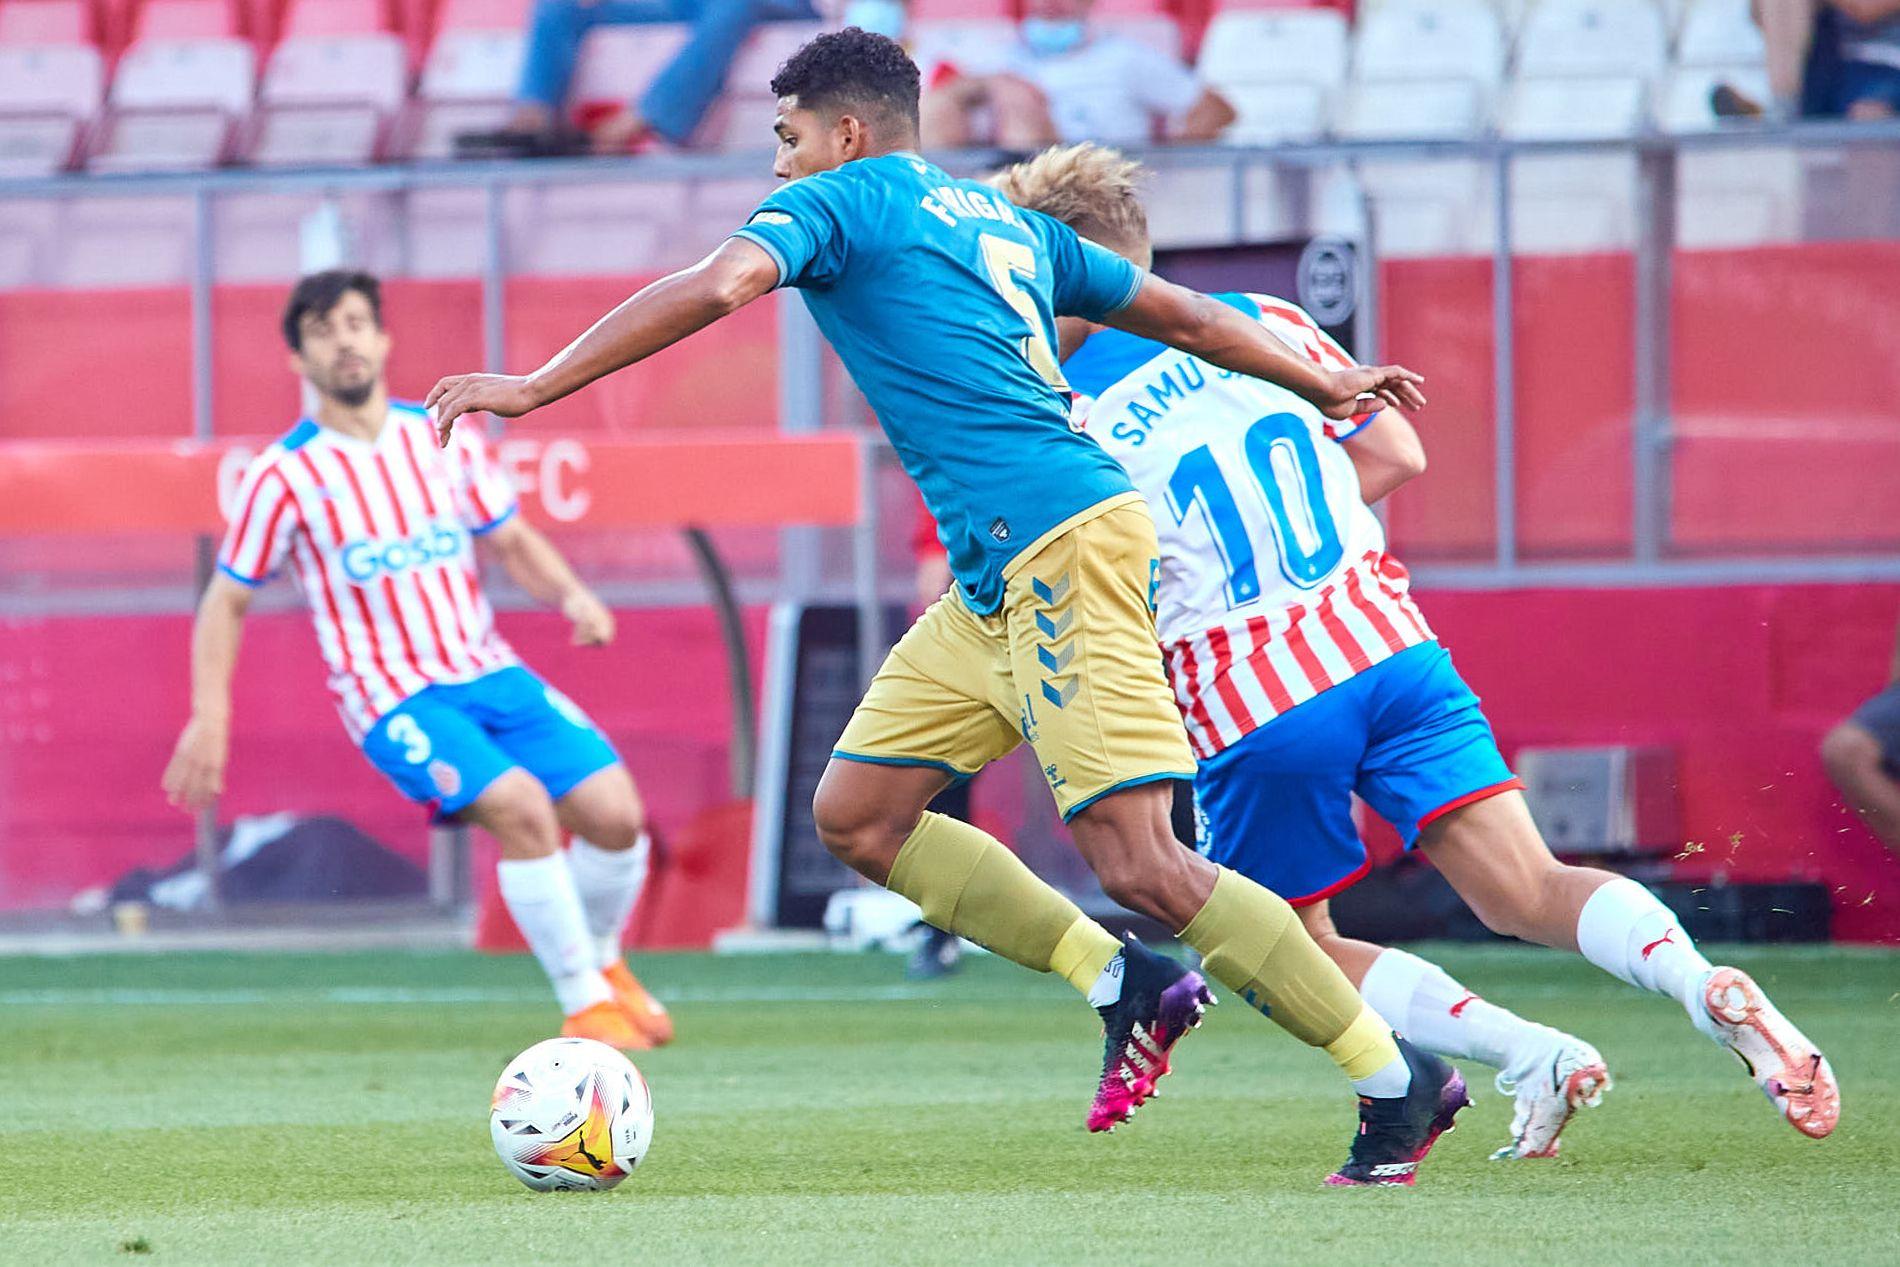 LaLiga: Girona - UD Las Palmas